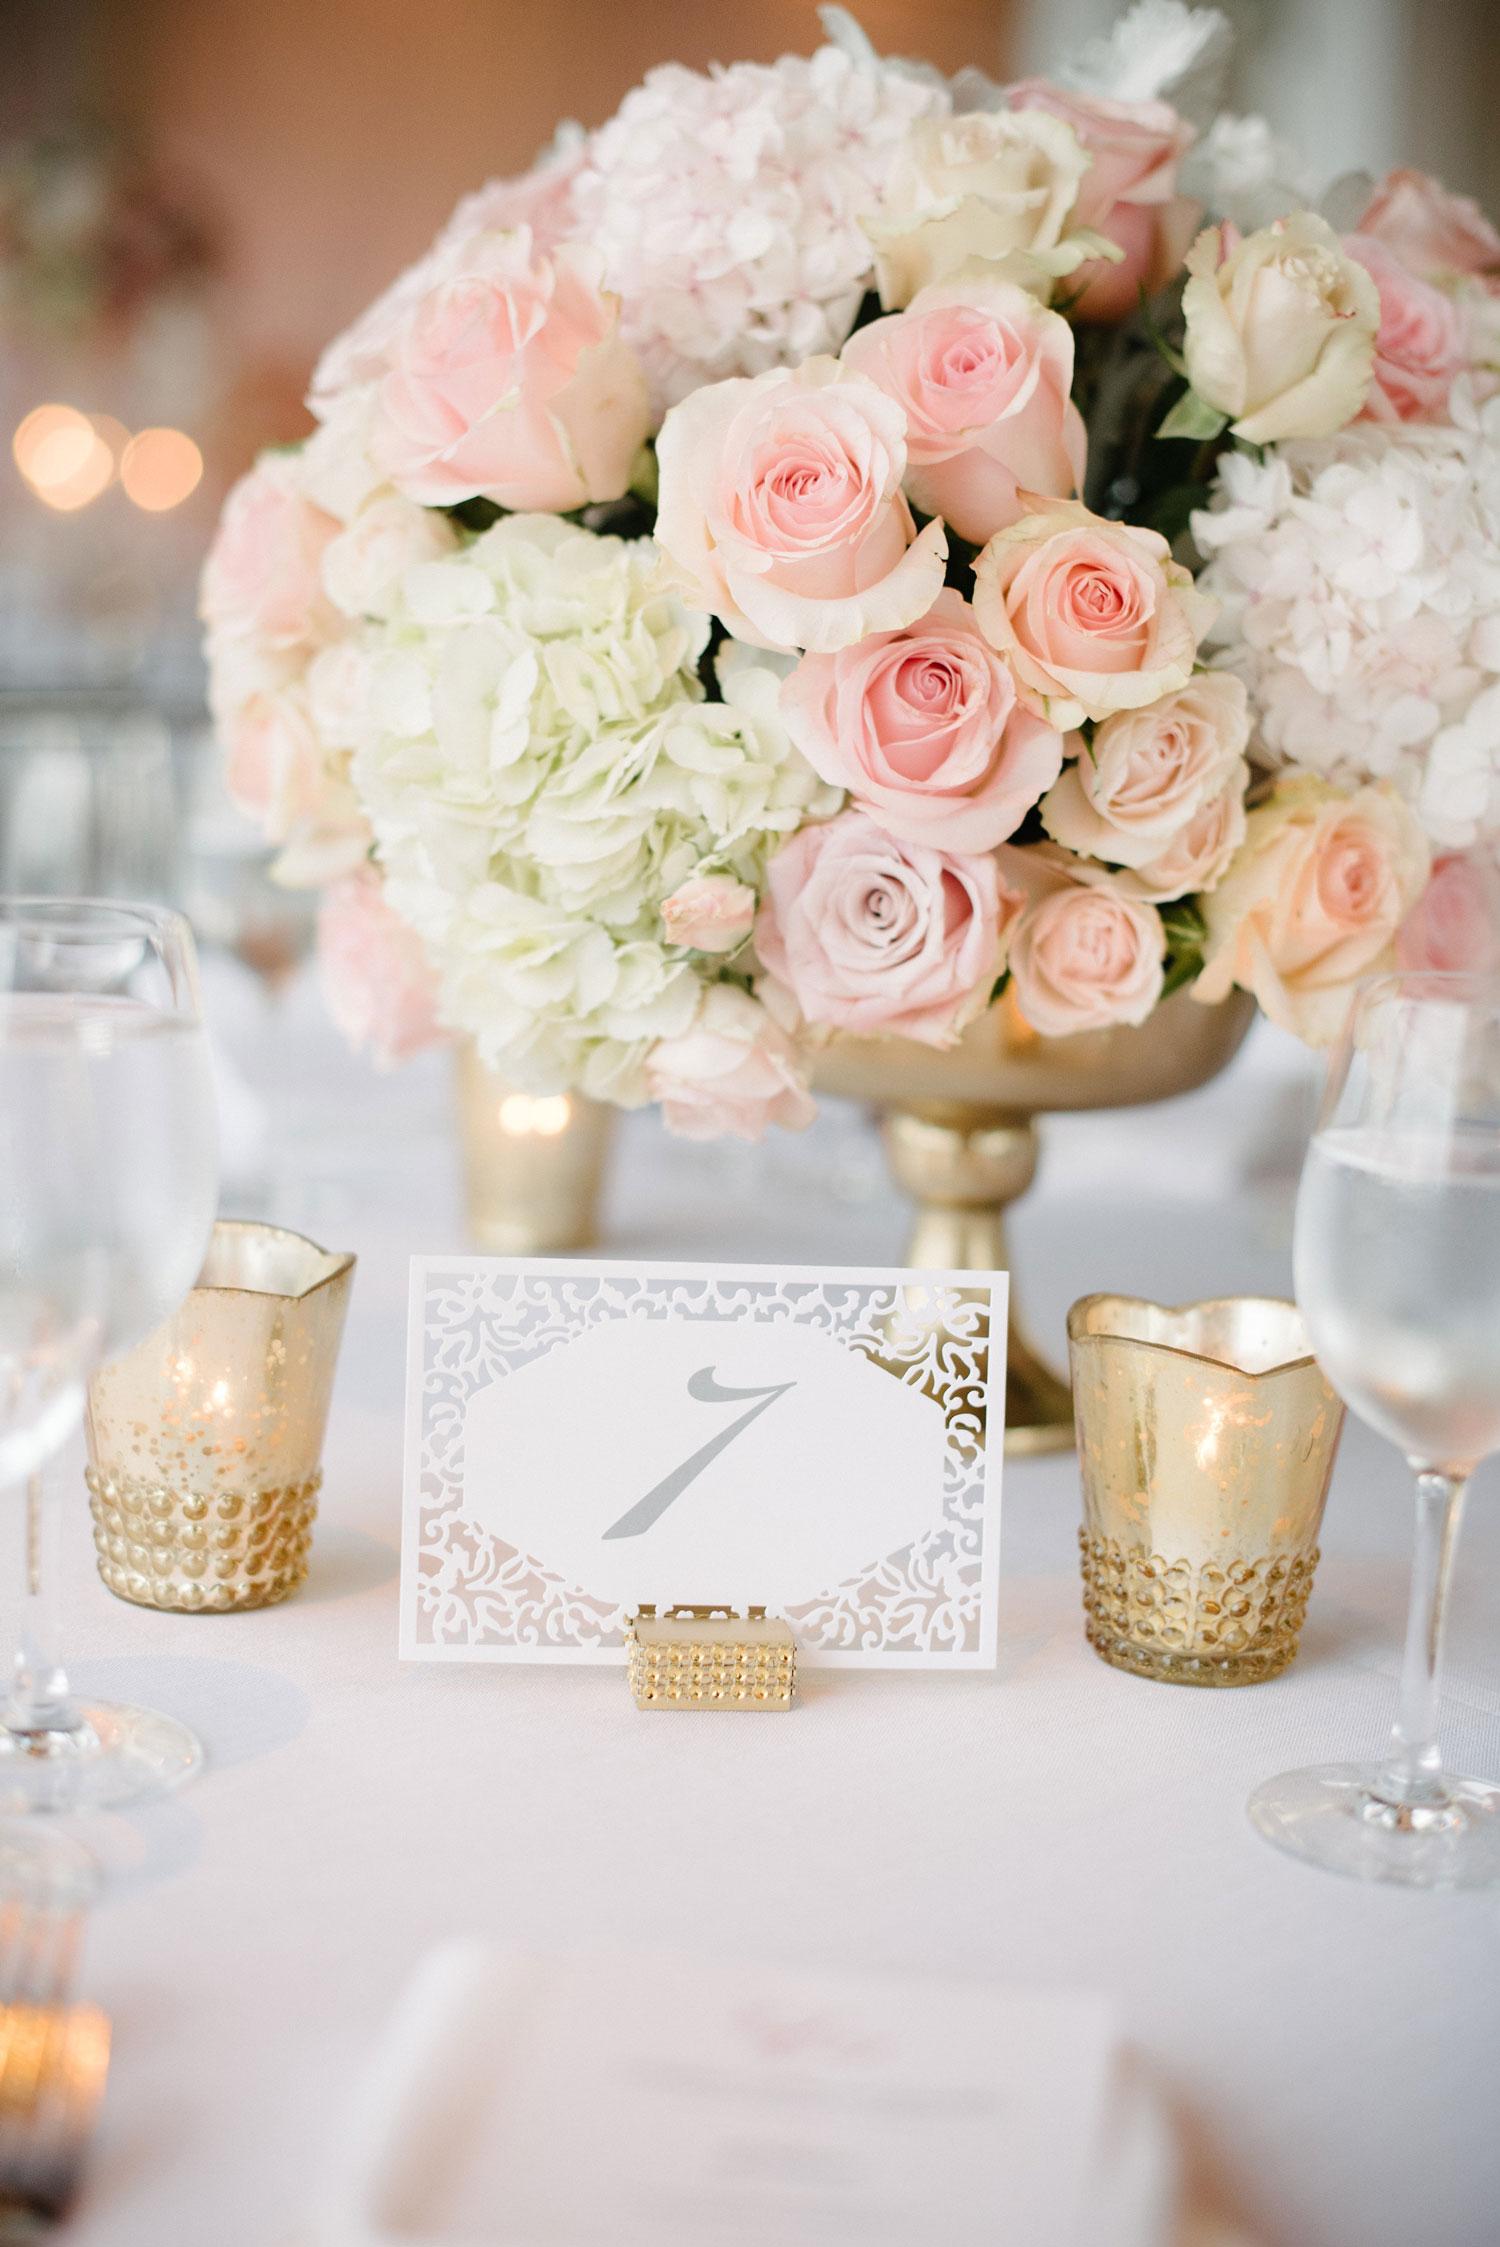 Inside Weddings Fall Winter 2017 Issue Preview pink flower arrangement centerpiece wedding reception